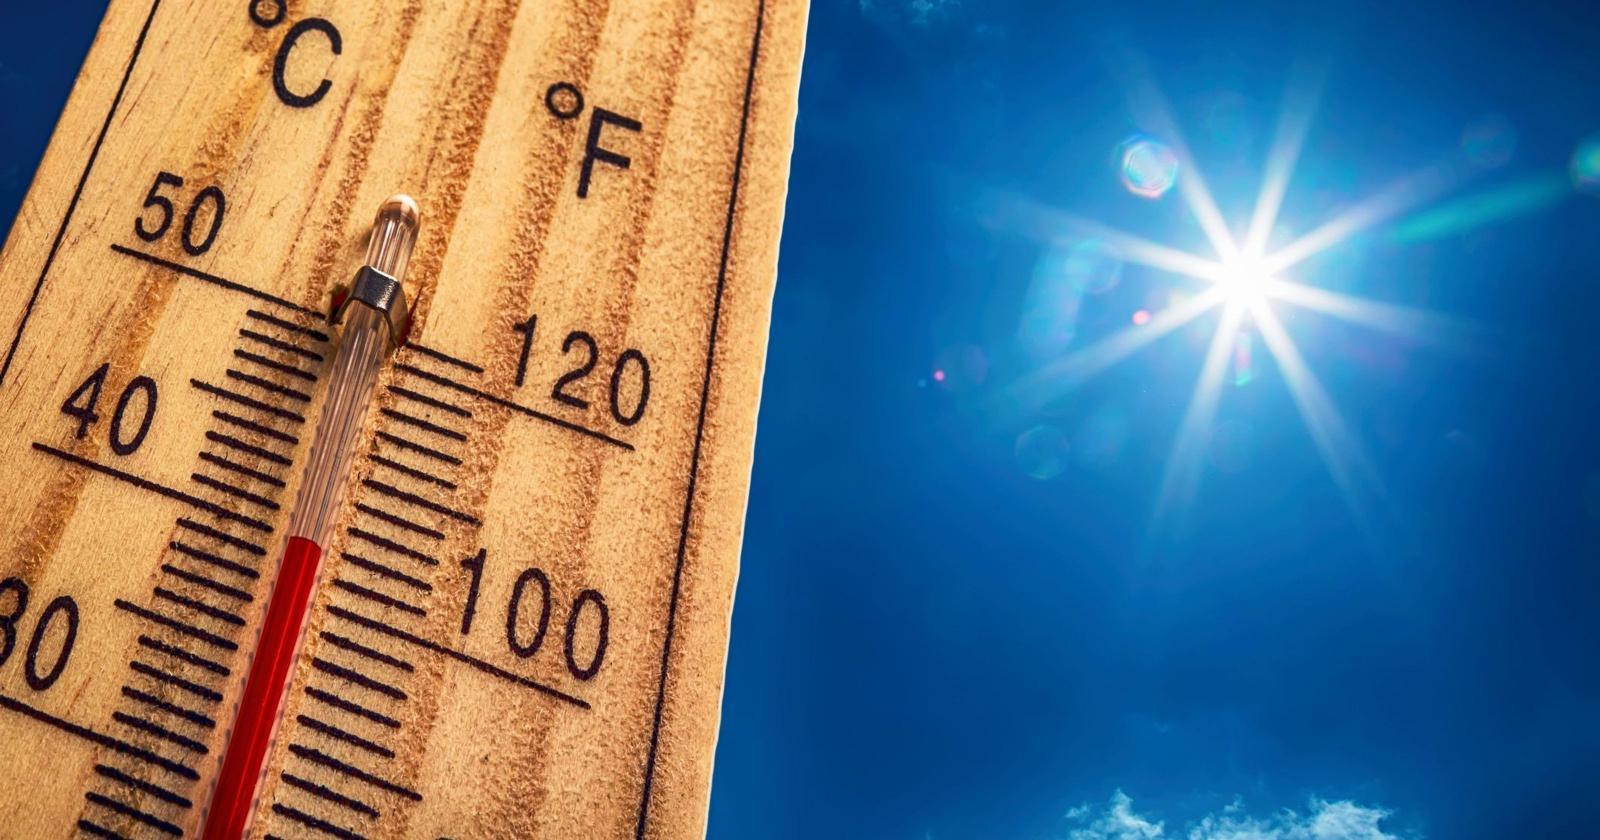 Синоптики предупредили о 36-градусной жаре